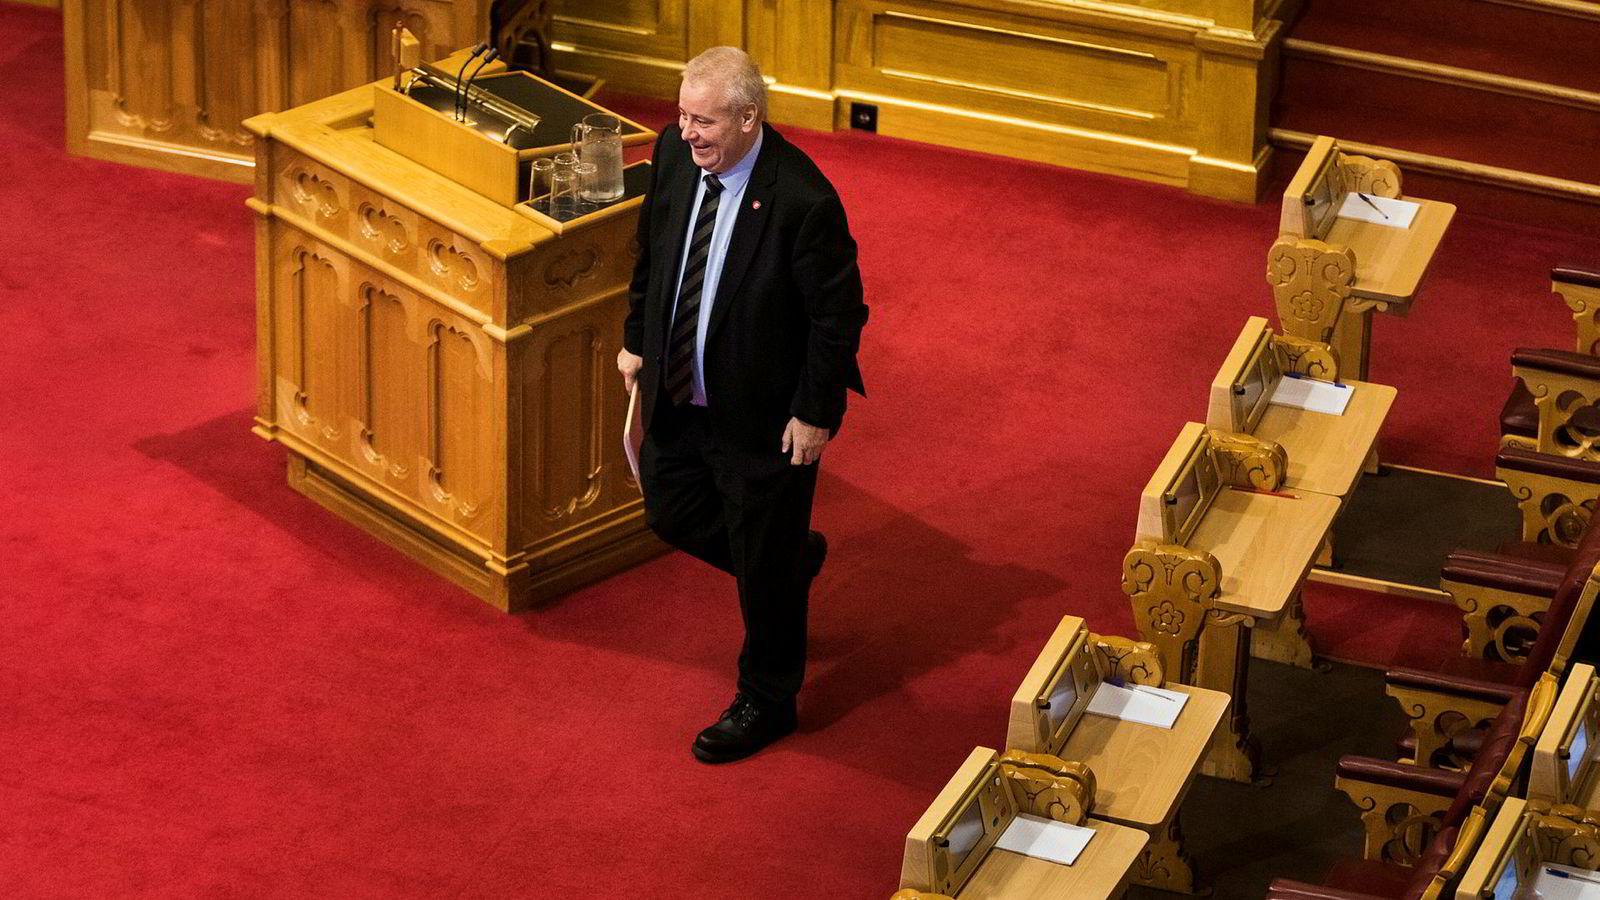 Landbruks- og matminister Bård Hoksrud (Frp) opplevde at ordene forsvant da han debuterte i Stortingets muntlige spørretime.